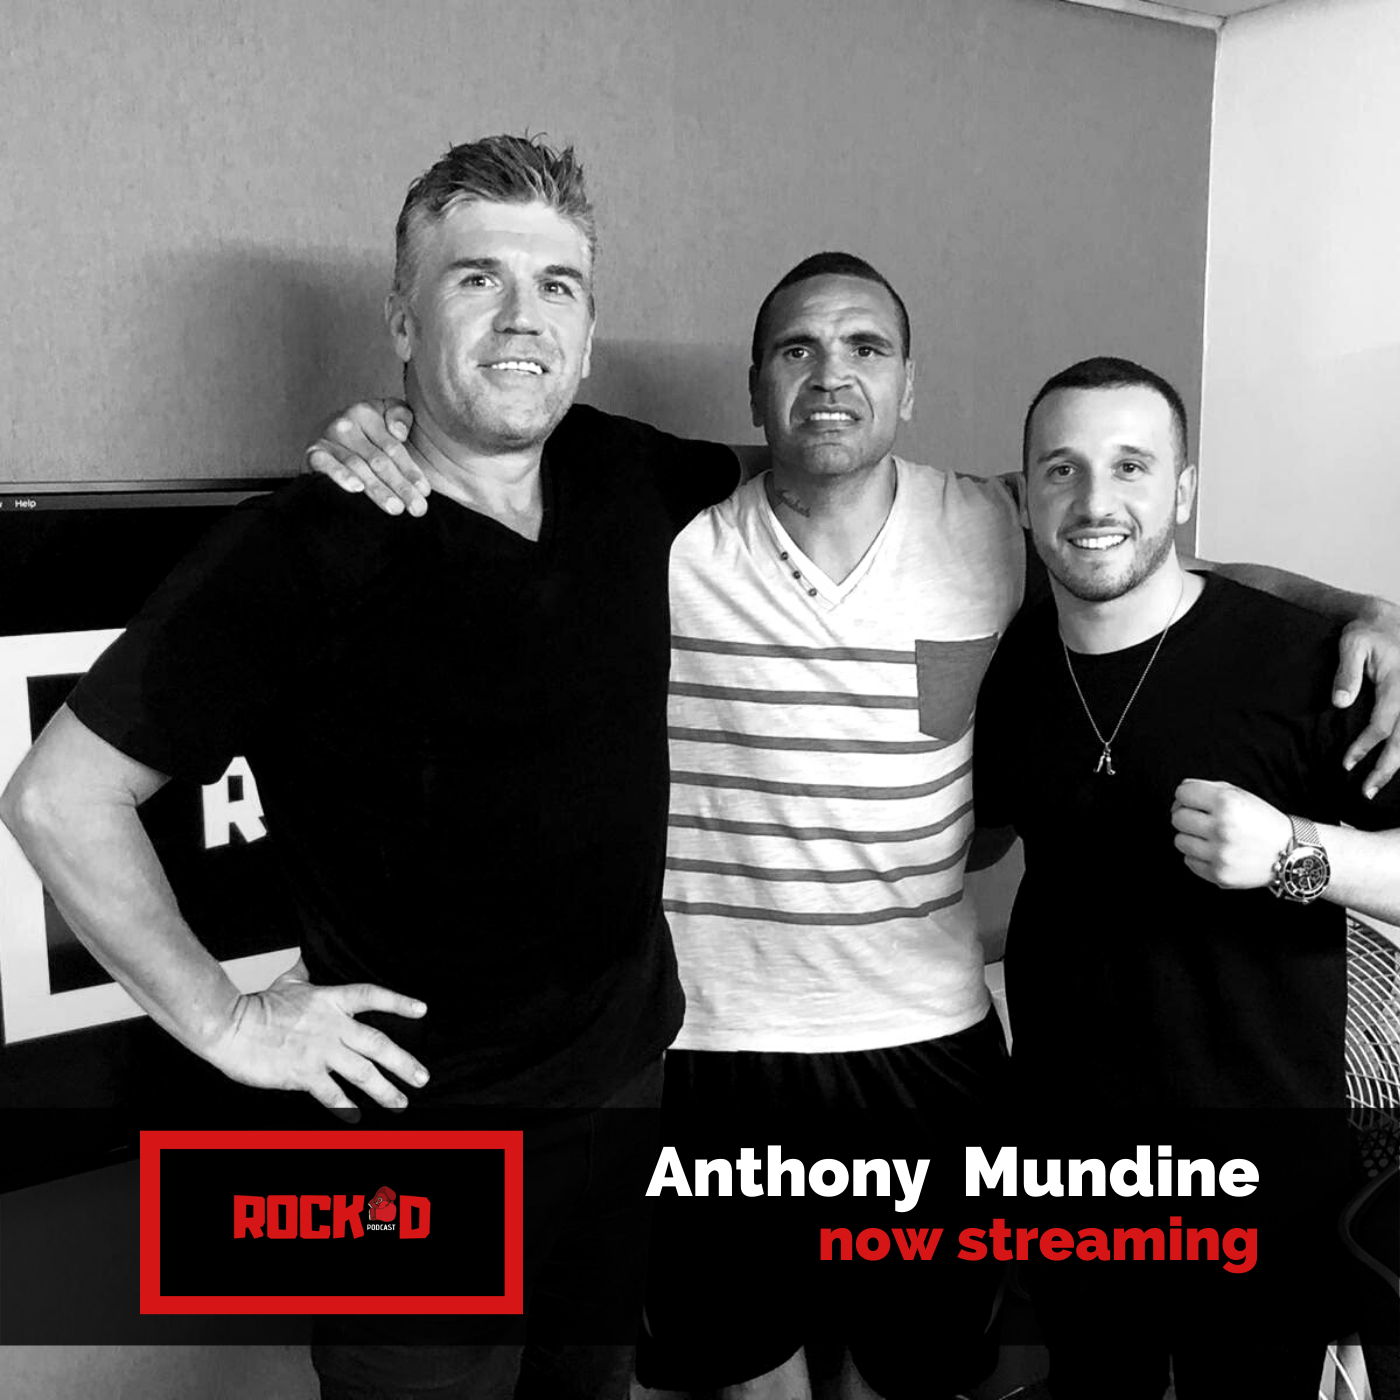 ROCKD Round2 Anthony Mundine